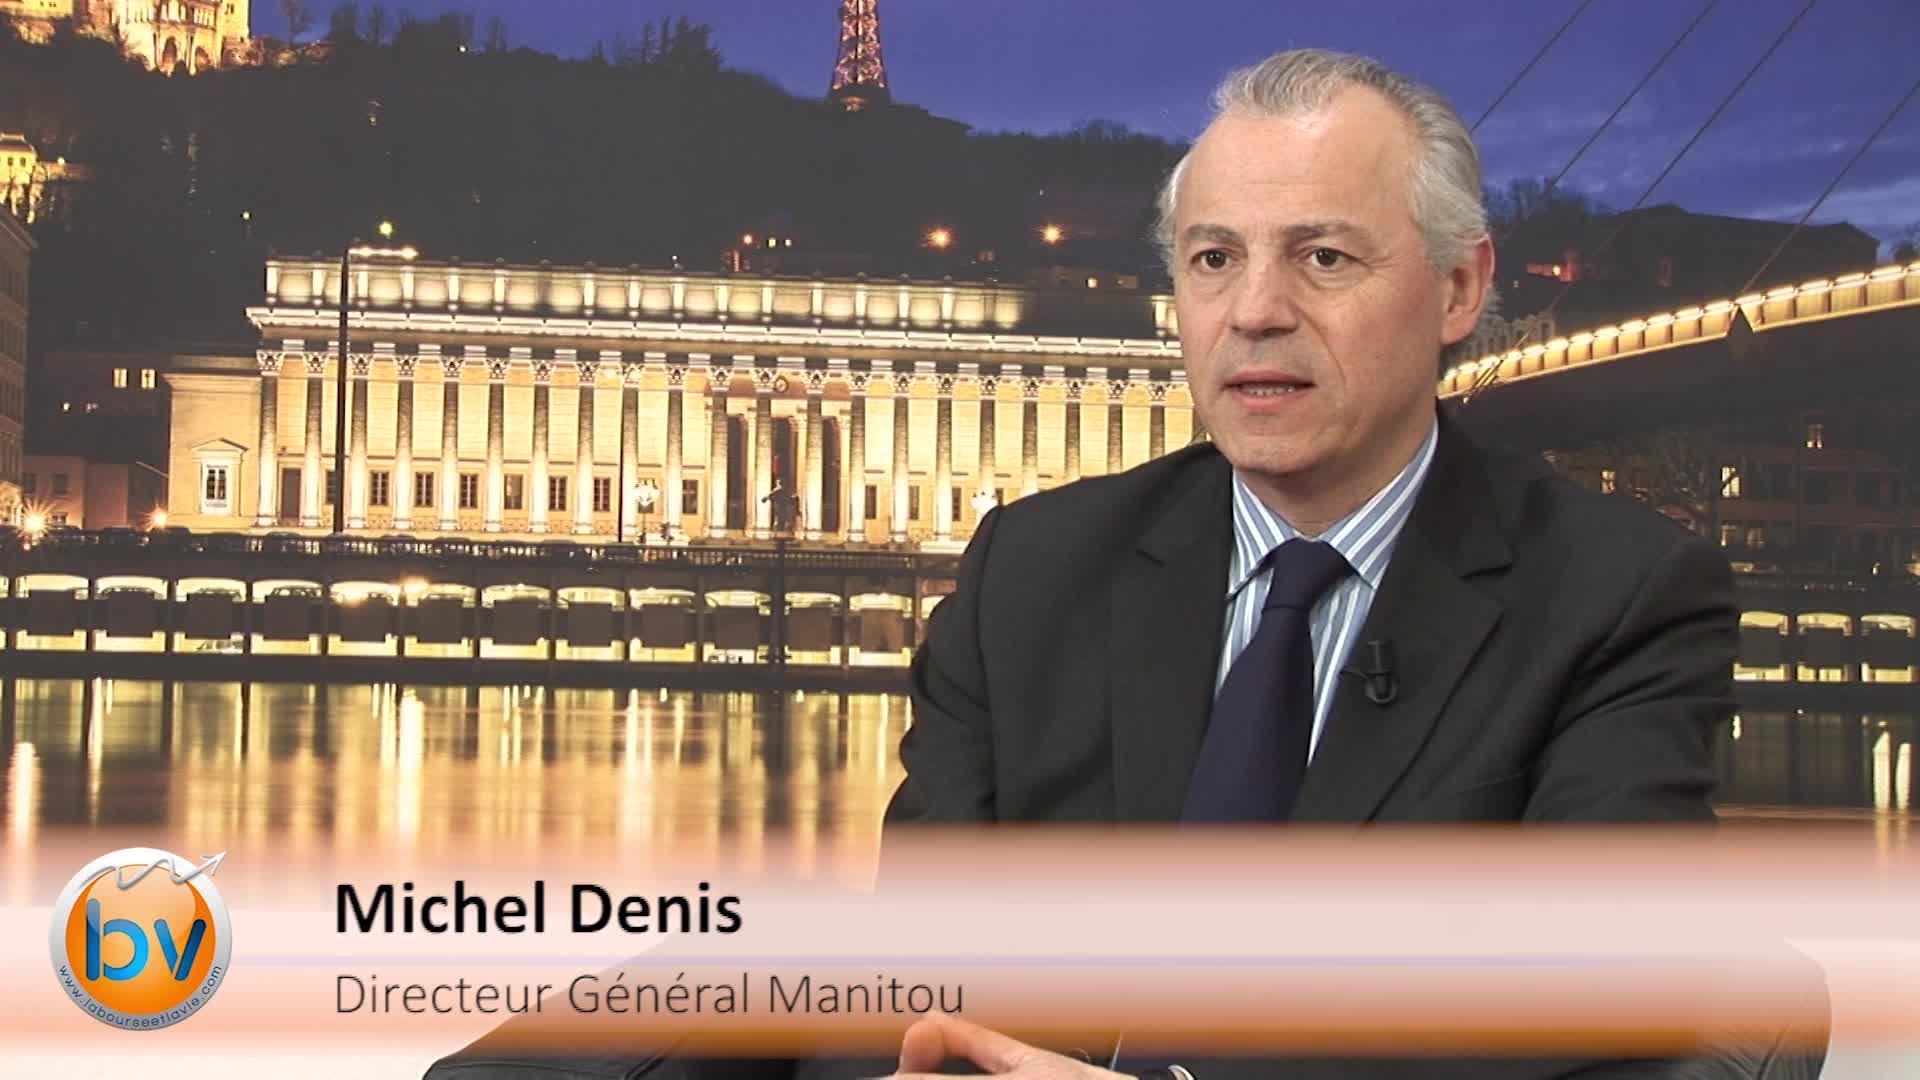 """Michel Denis Directeur Général Manitou : """"L'Europe va être notre relais de croissance cette année"""""""